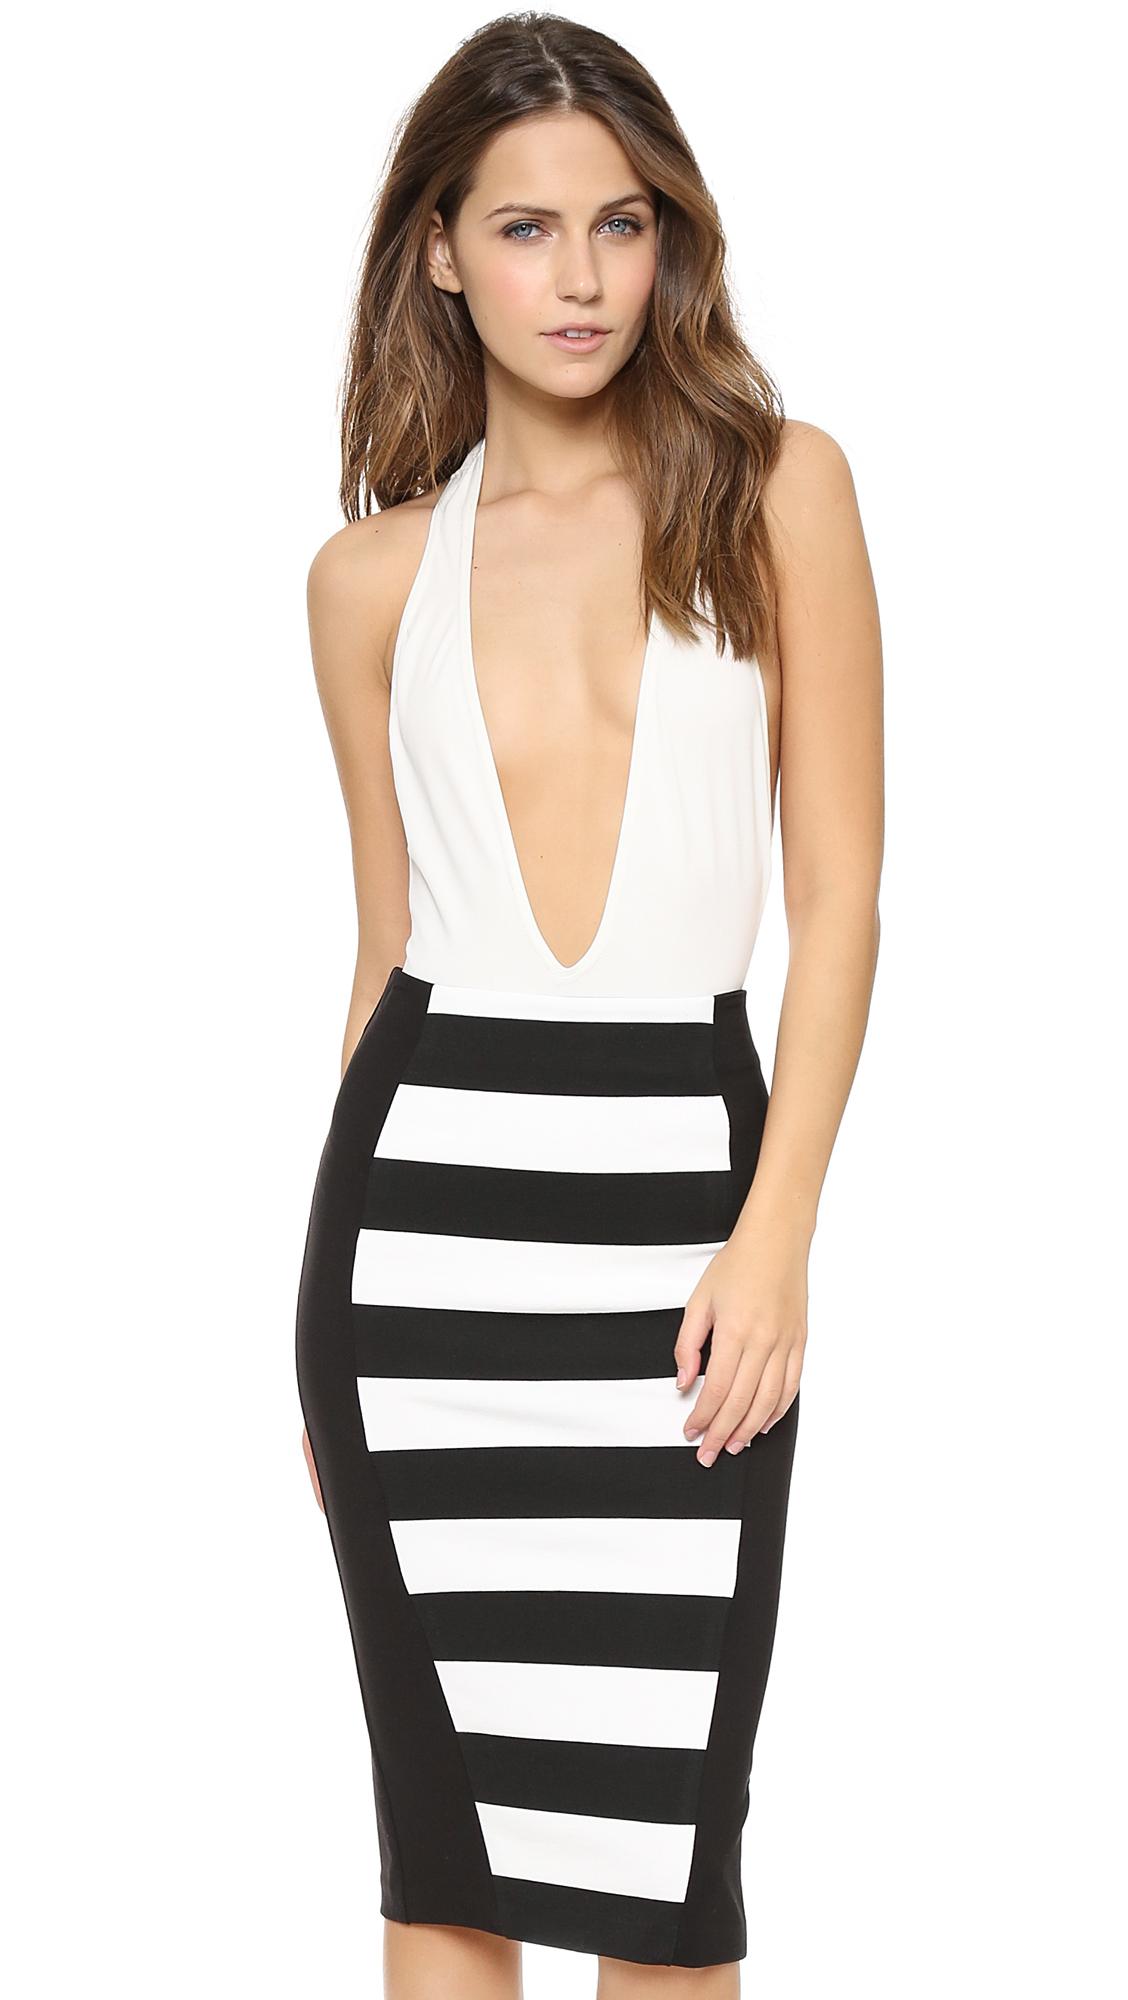 AQ/AQ Anna Body Suit in Black   REVOLVE   Beautiful skirts